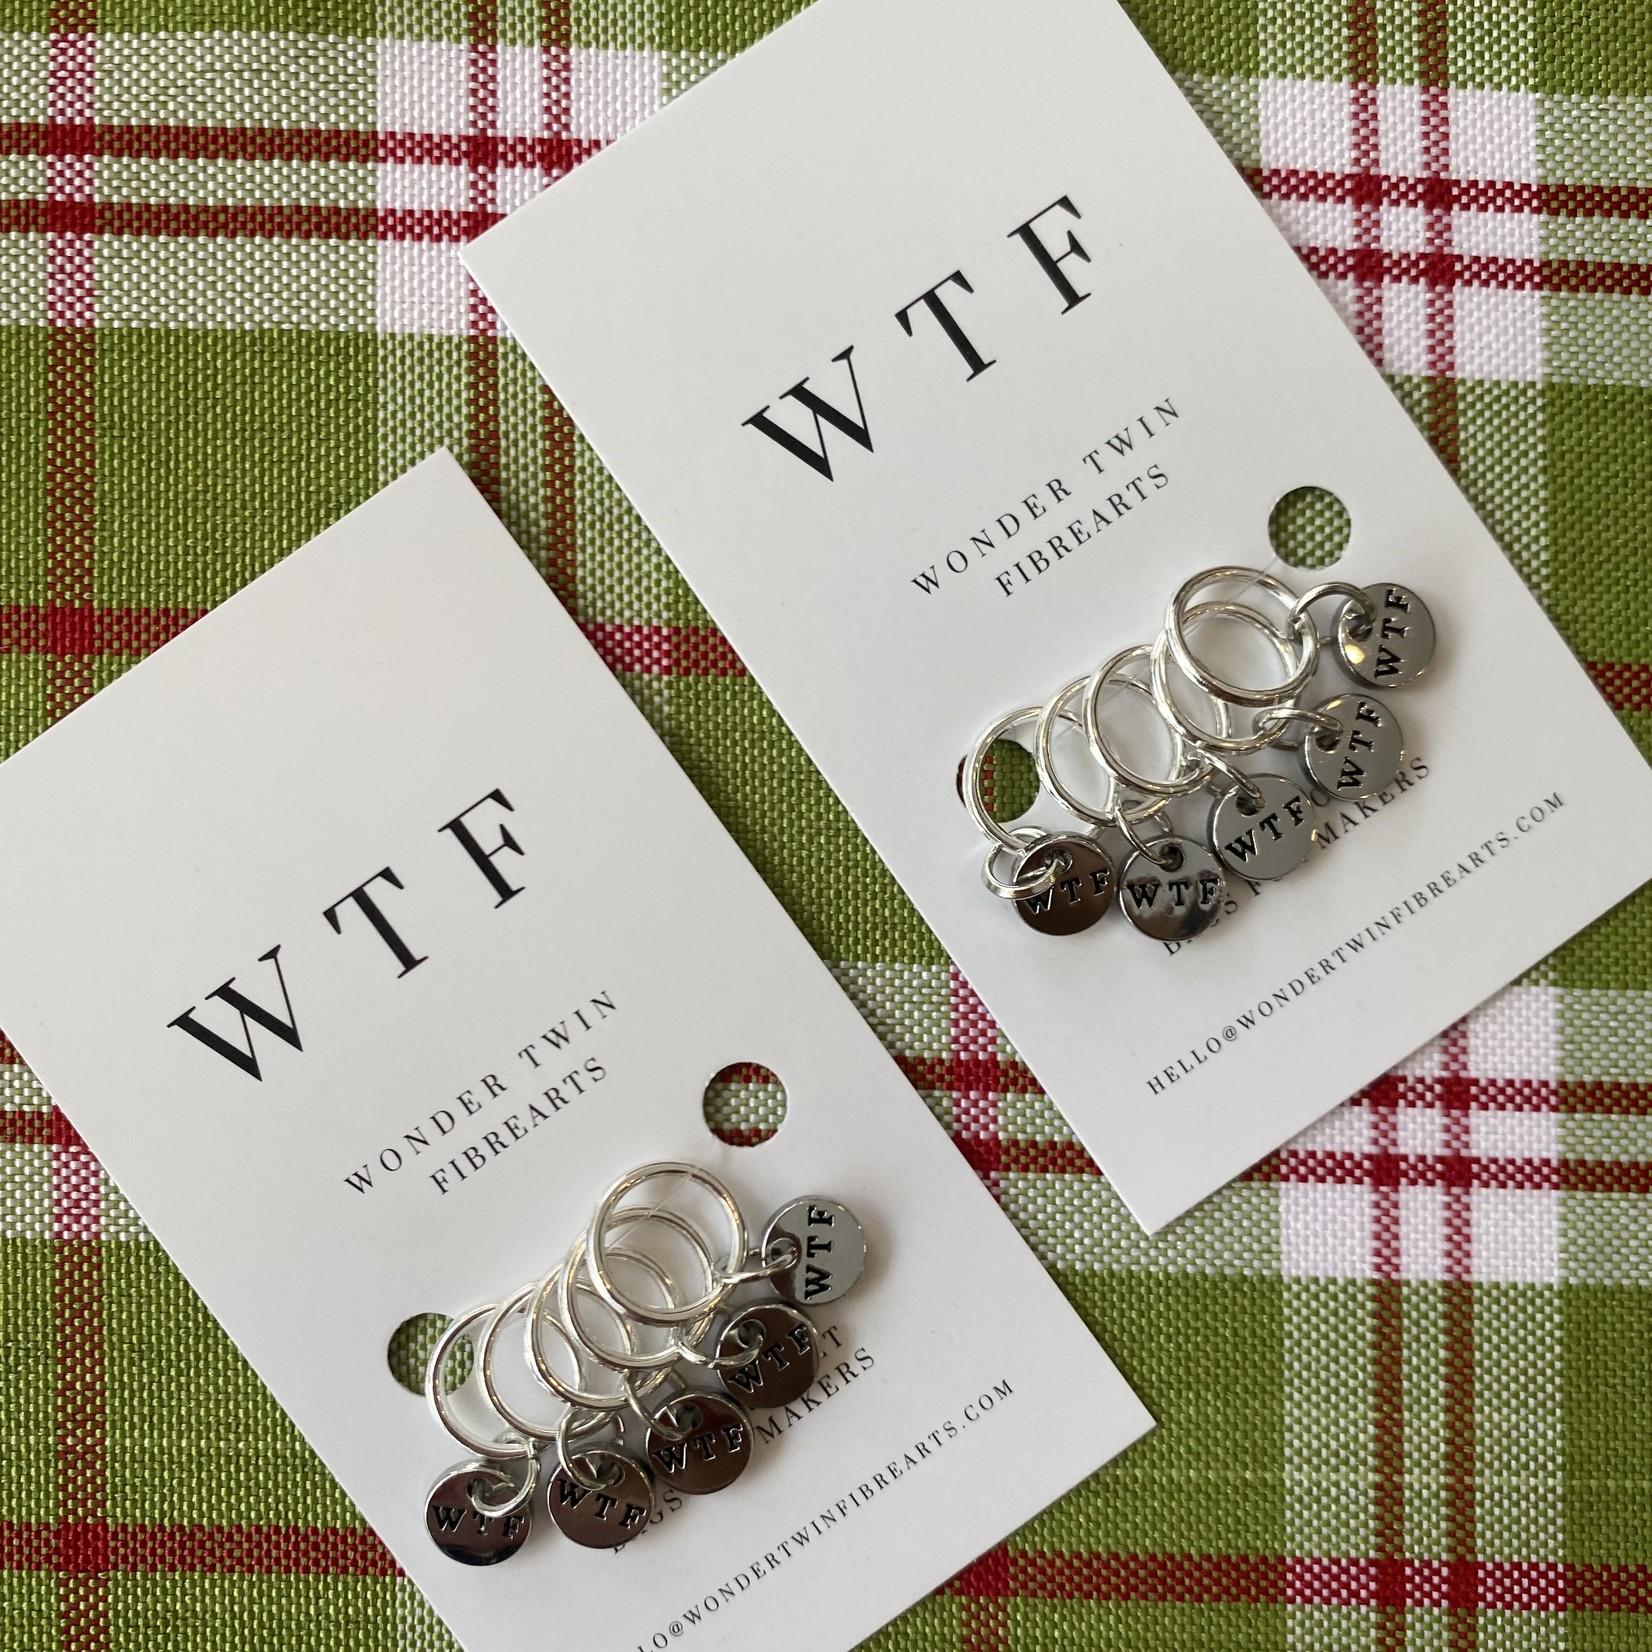 Wonder Twin Fiberarts WTF - Stitch Markers